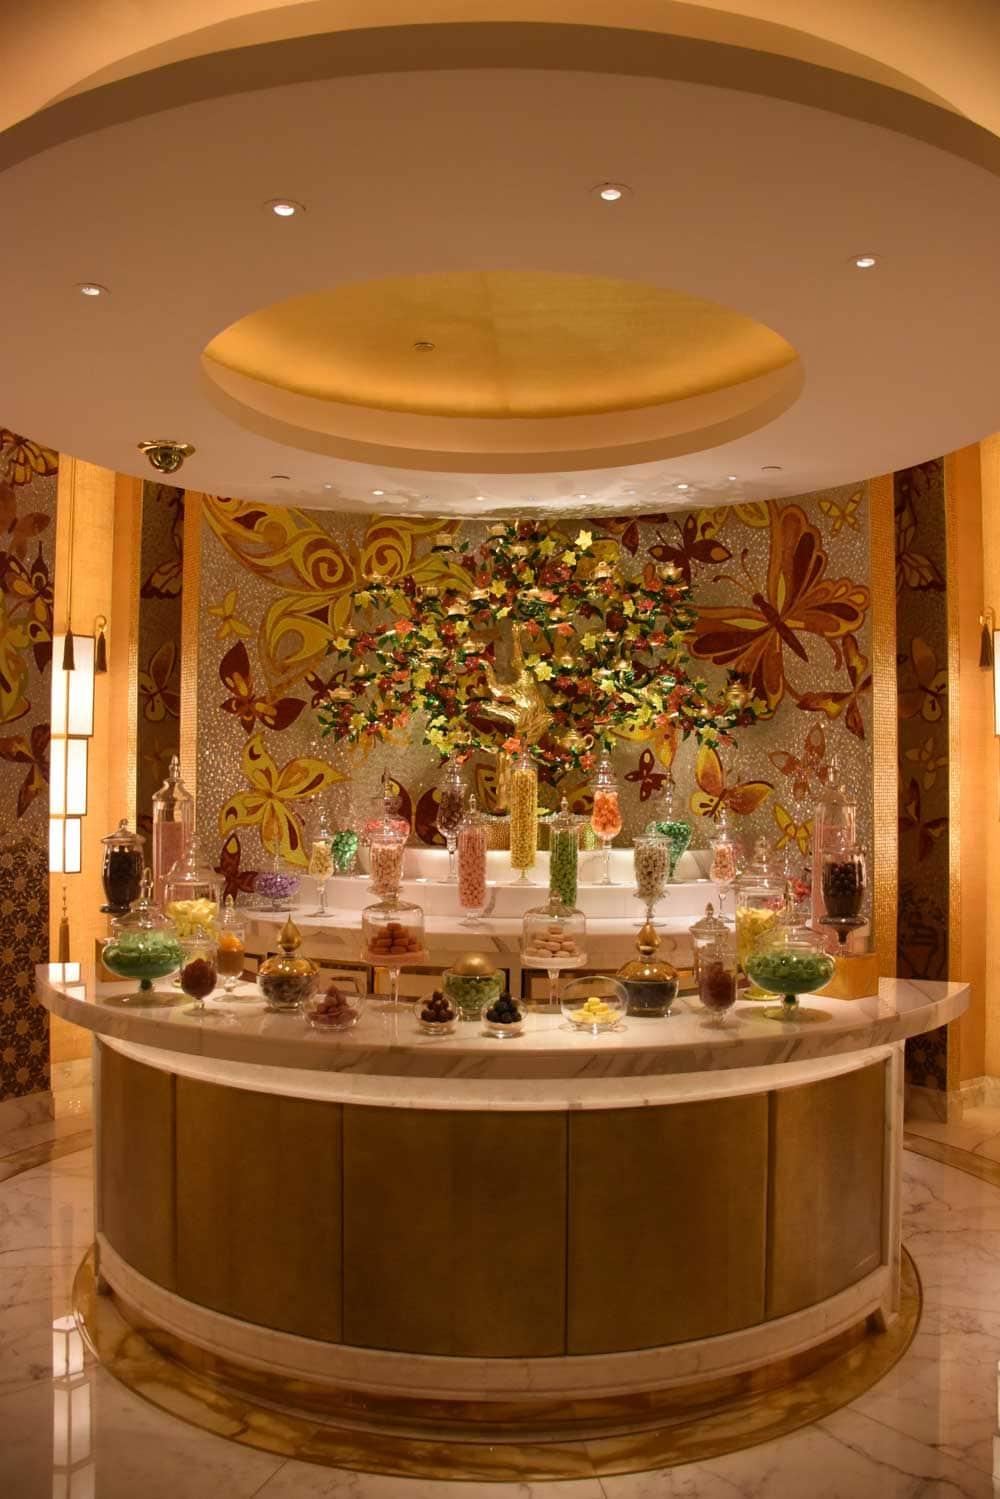 Macau Michelin Restaurants: Sichuan Moon